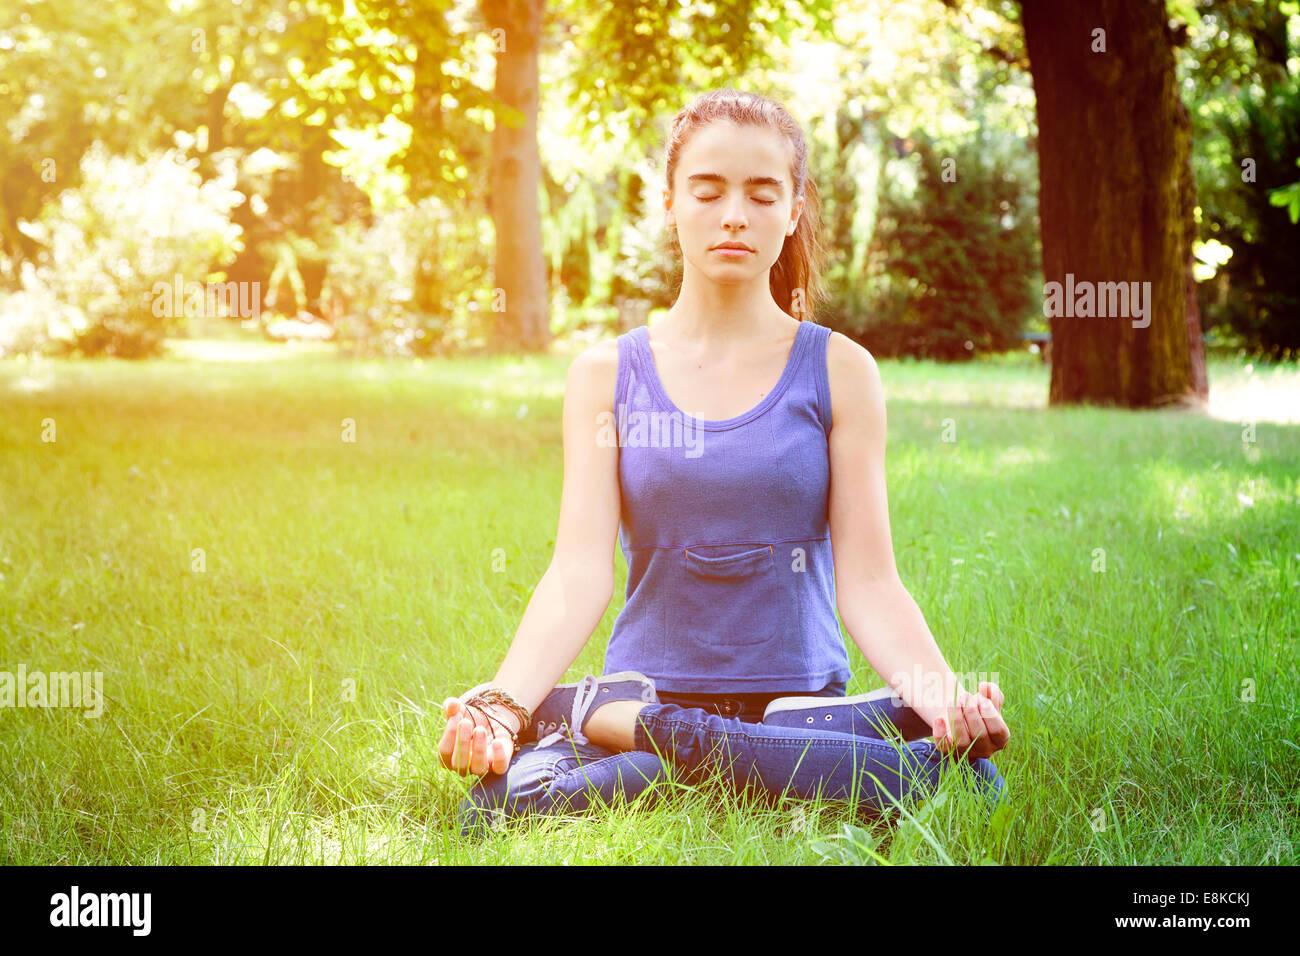 Bella ragazza adolescente medita in natura Immagini Stock